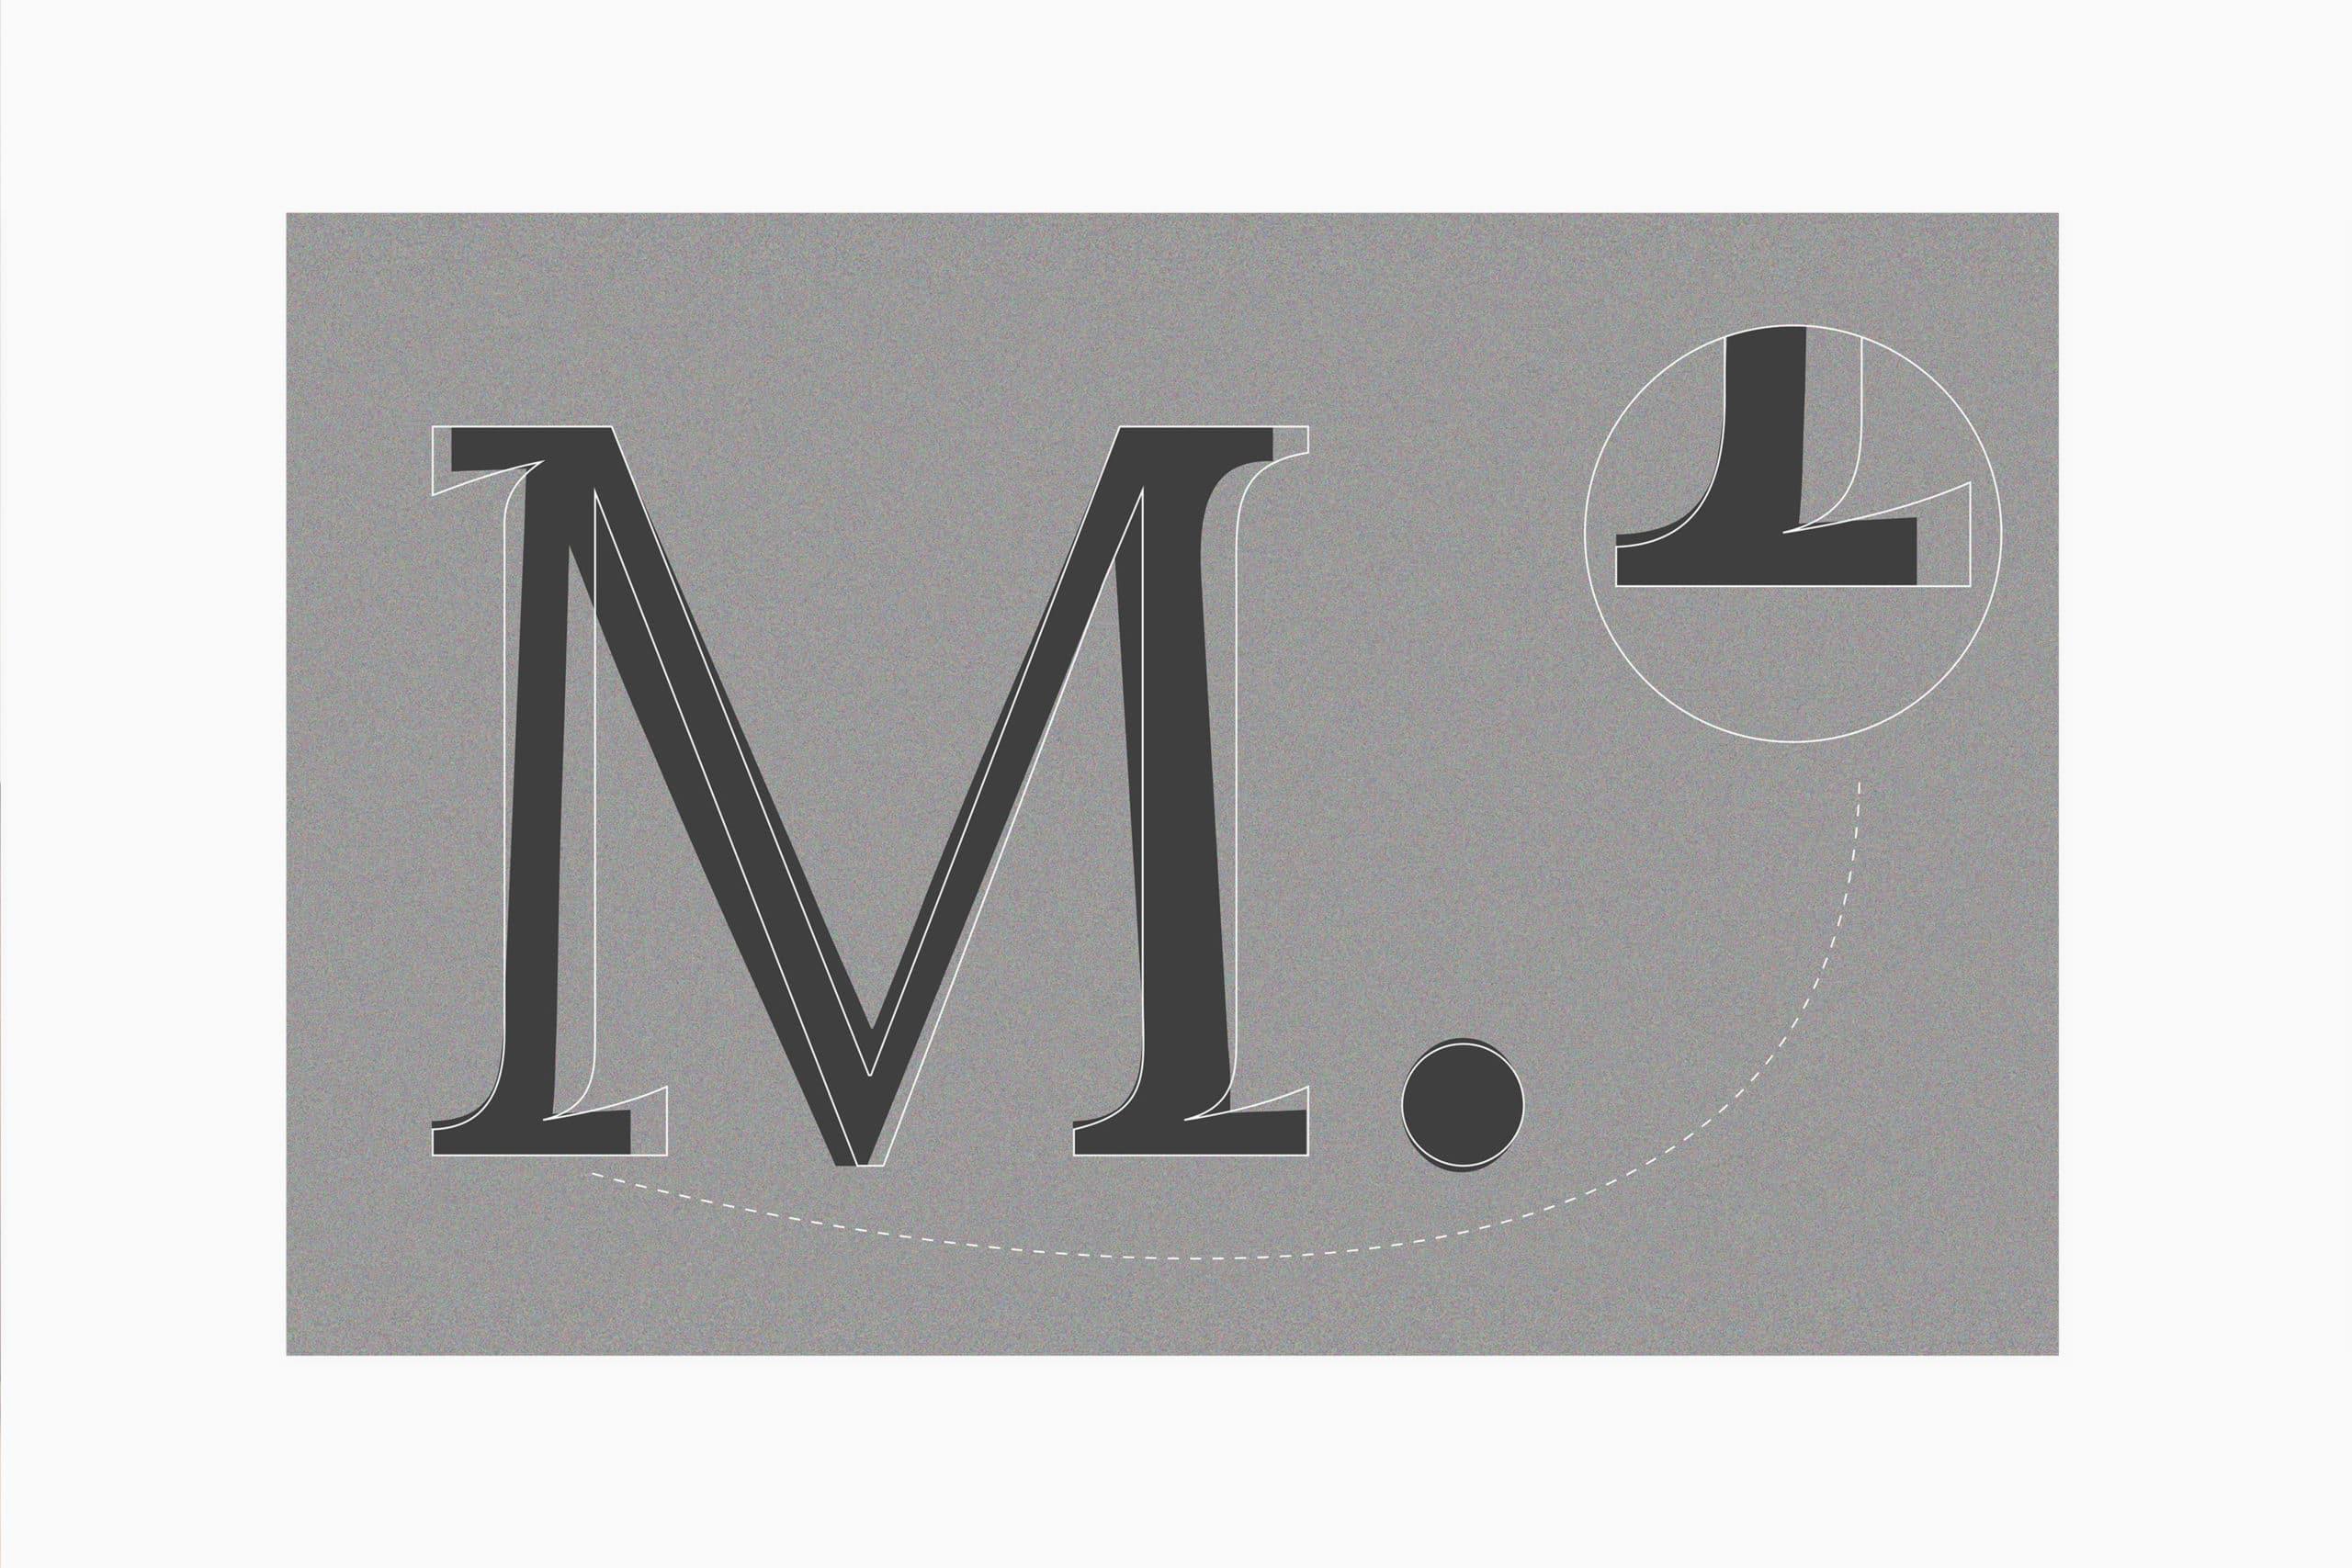 feuille gris foncé sur fond gris clair présentant la lettre M et un zoom sur son jambage inferieur de la typographie Lora Laiko